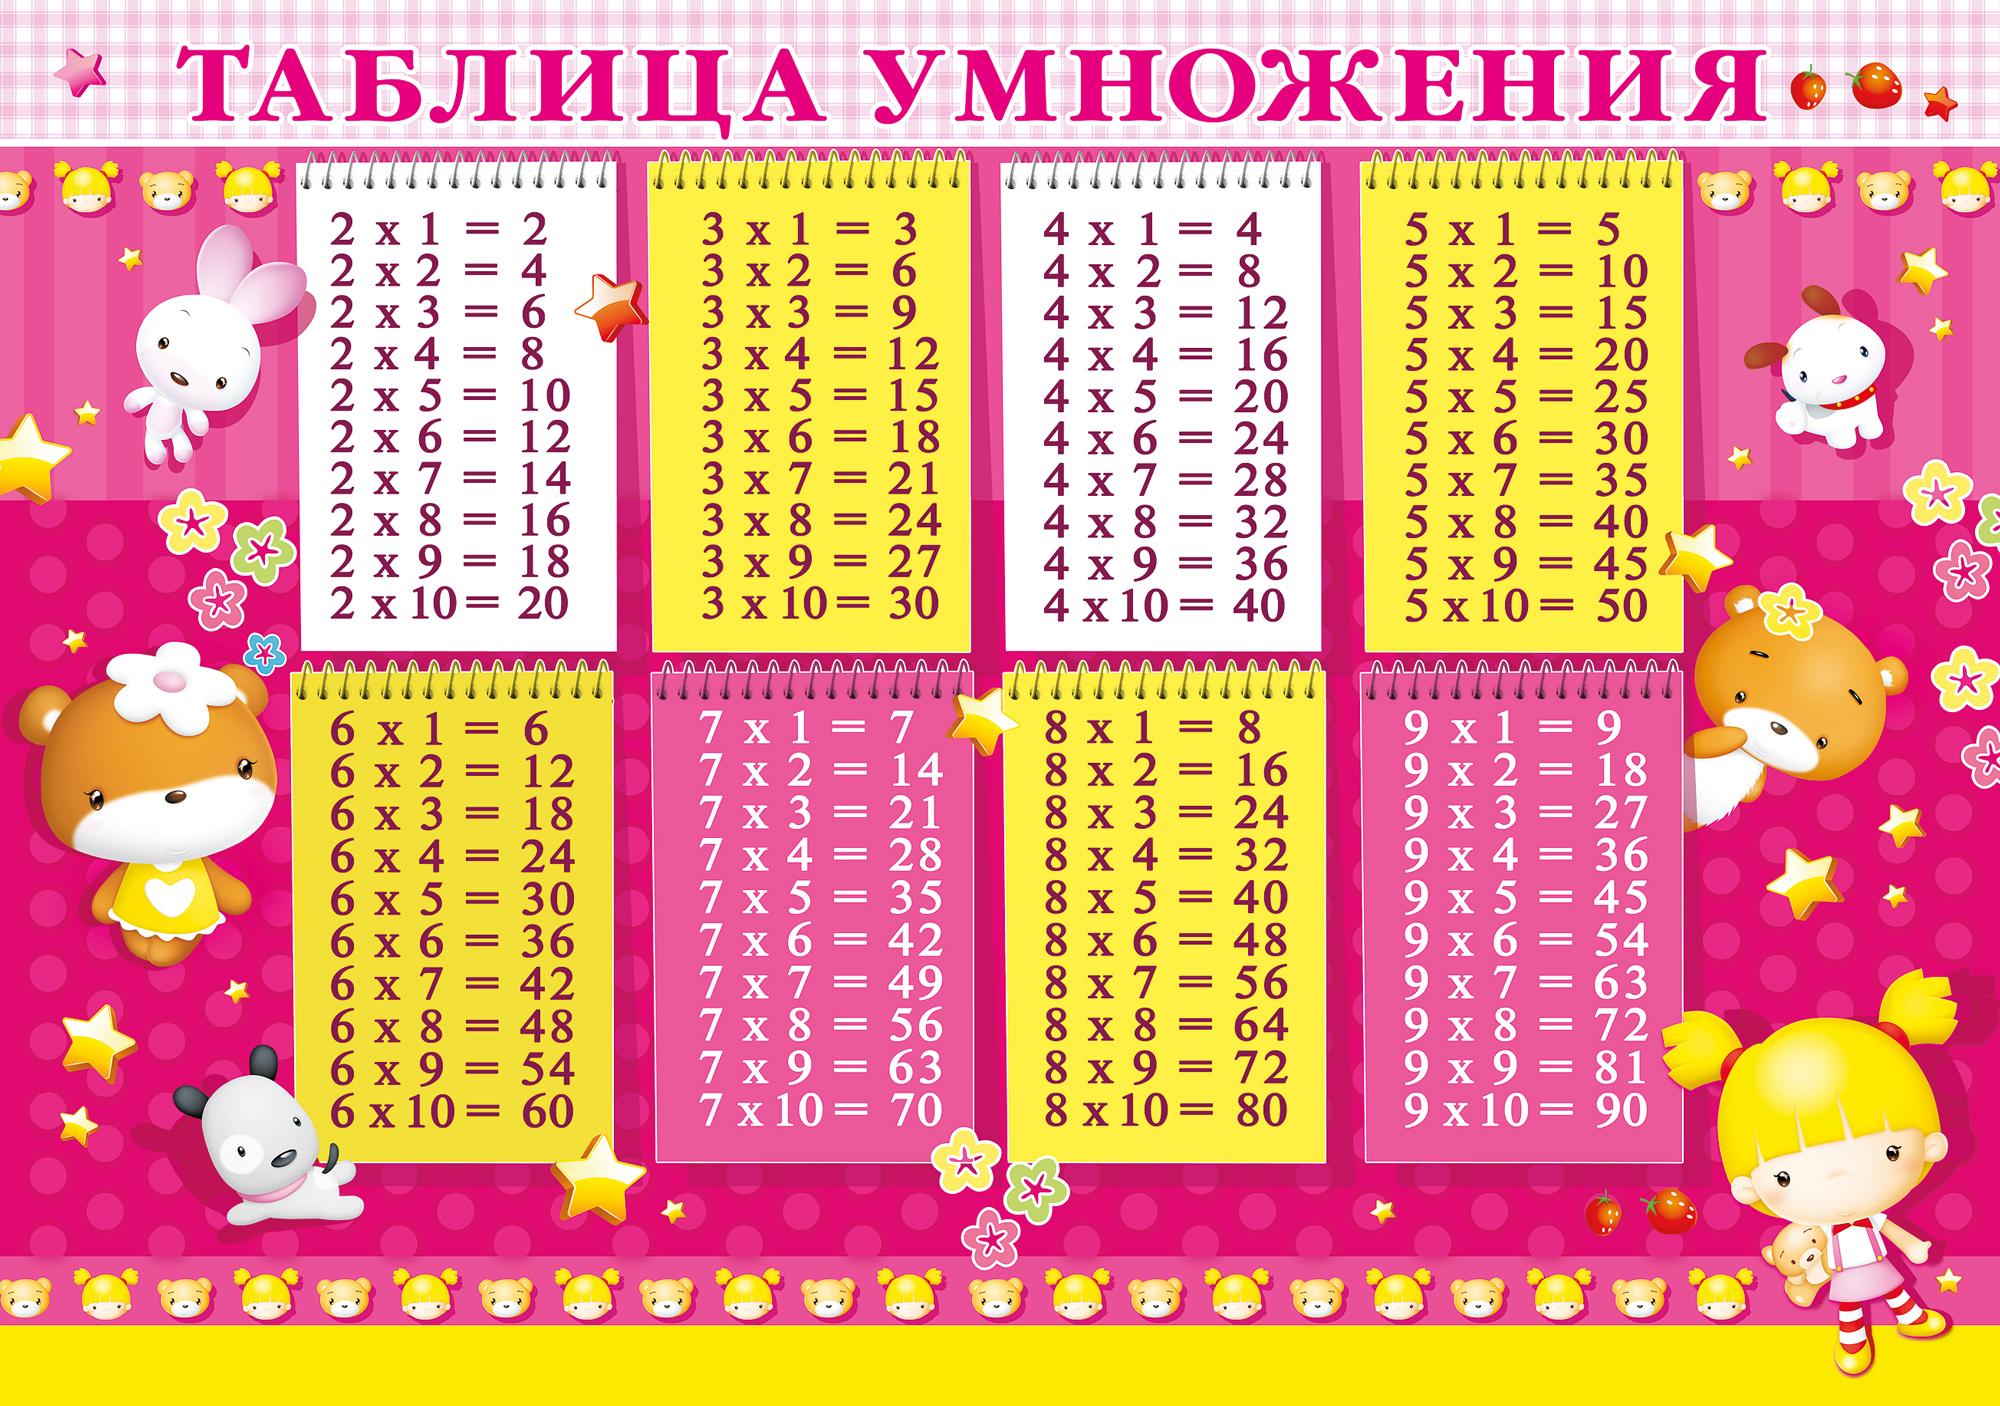 таблица умножения до 4 контрольная работа